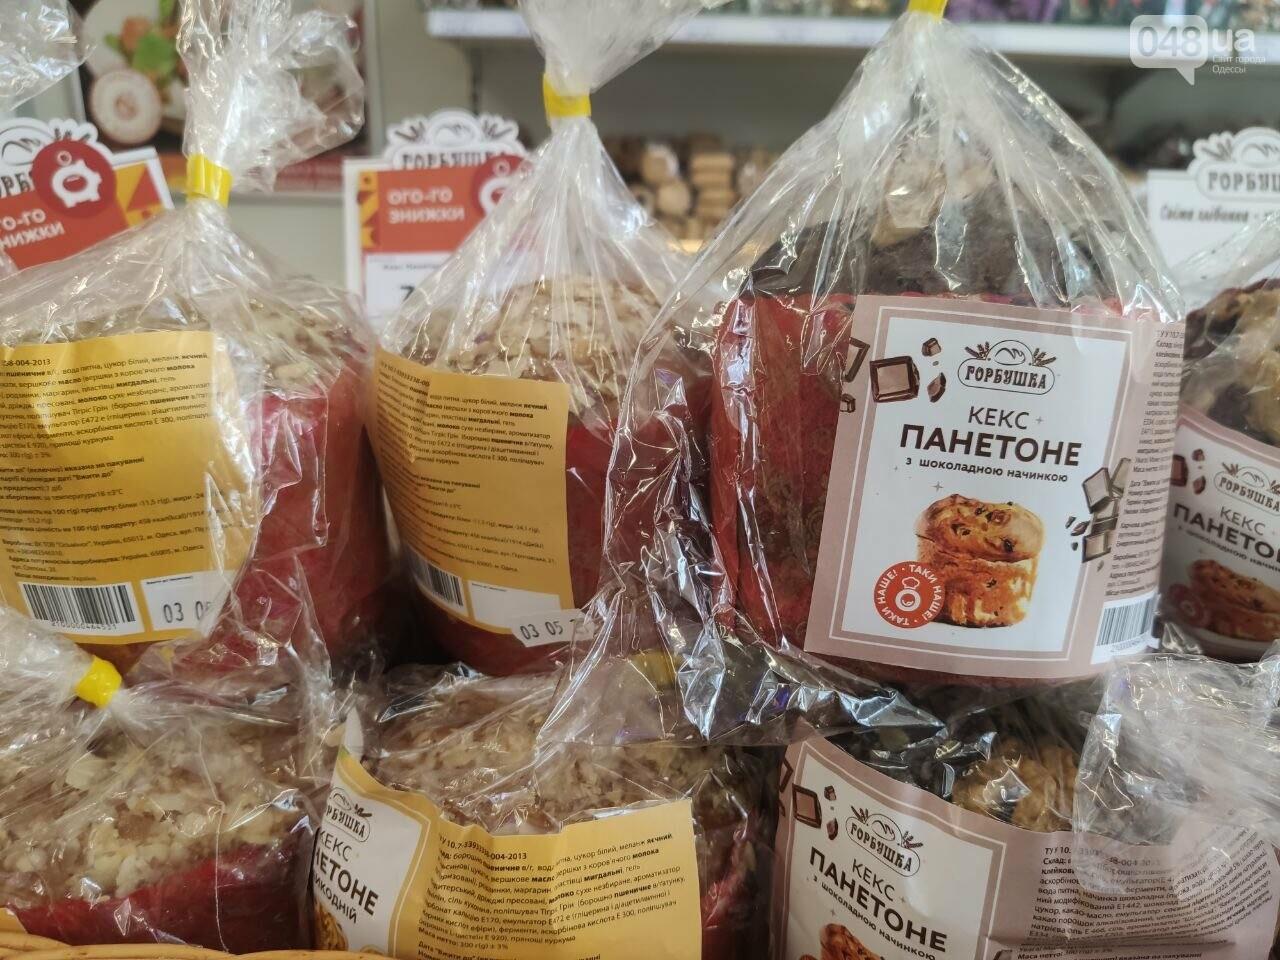 Сколько стоят пасхальные куличи и крашенные яйца в магазинах Одессы, - ФОТО, фото-8